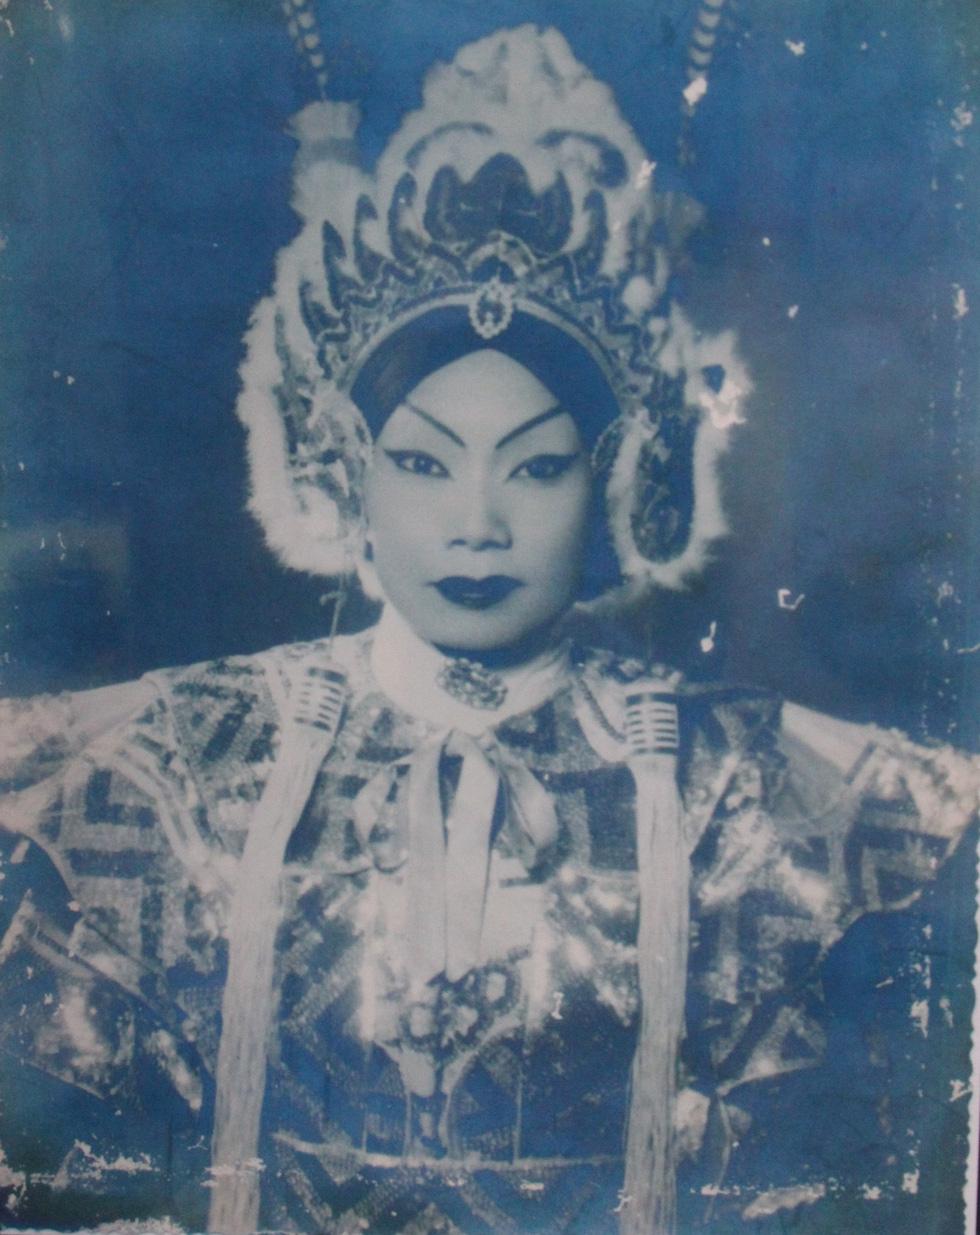 Trưng bày 100 bức ảnh về má Bảy Nam - Người mẹ trên sân khấu kịch nói Nam bộ - Ảnh 5.